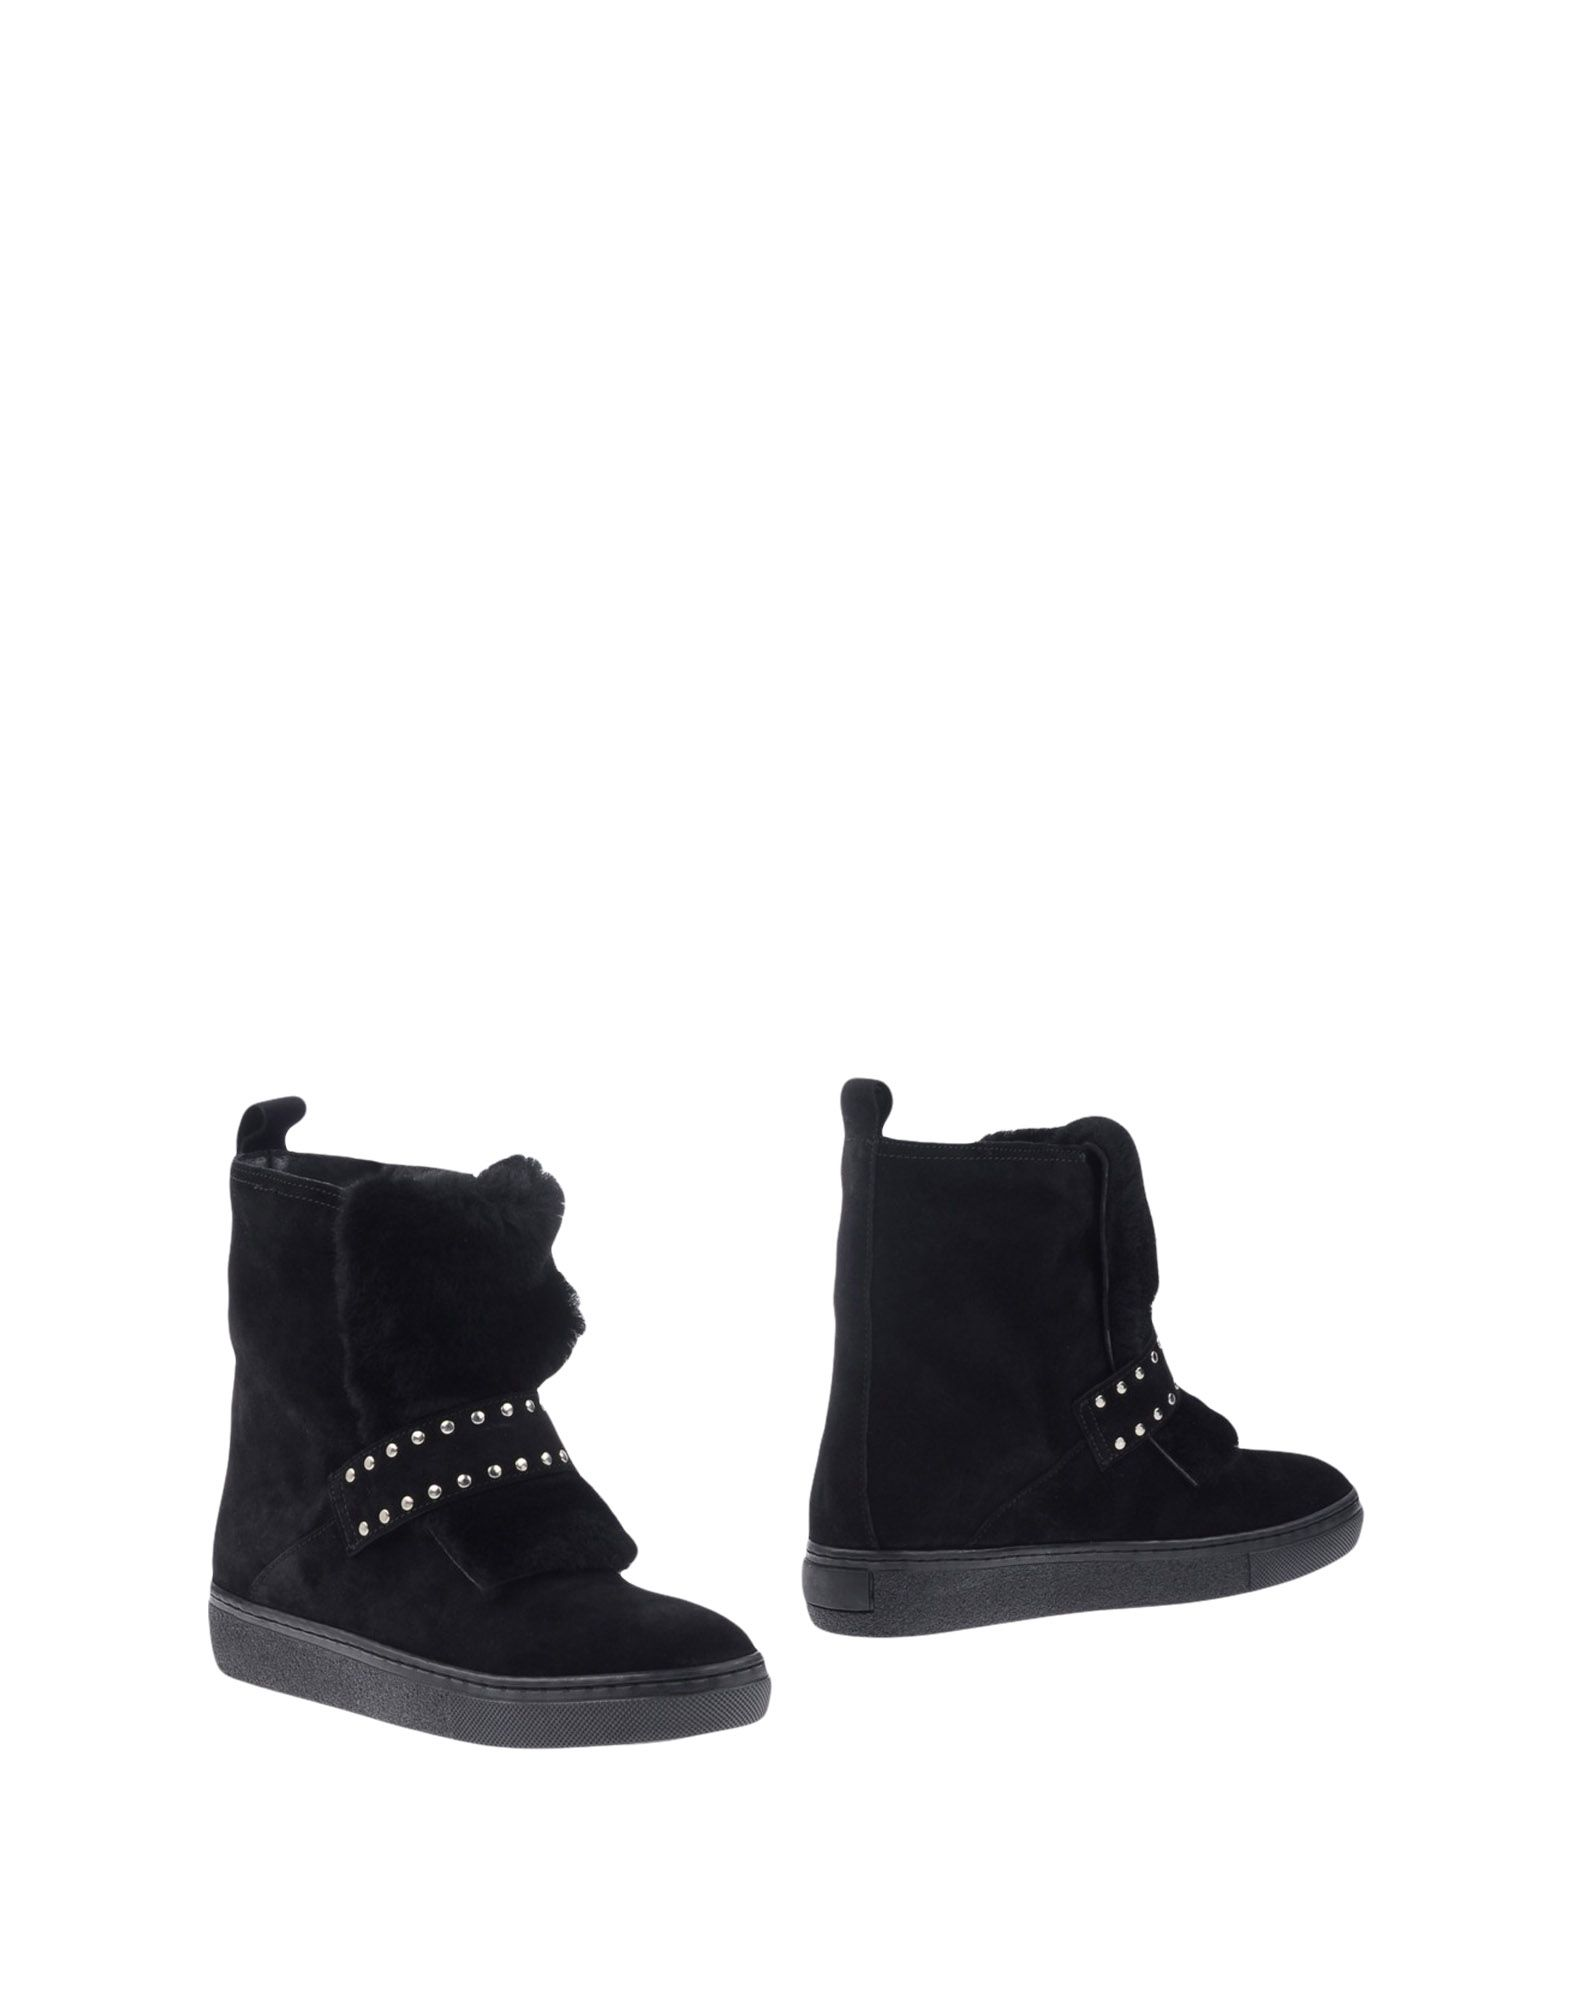 Geneve Stiefelette Damen  11289339VI Gute Qualität beliebte Schuhe